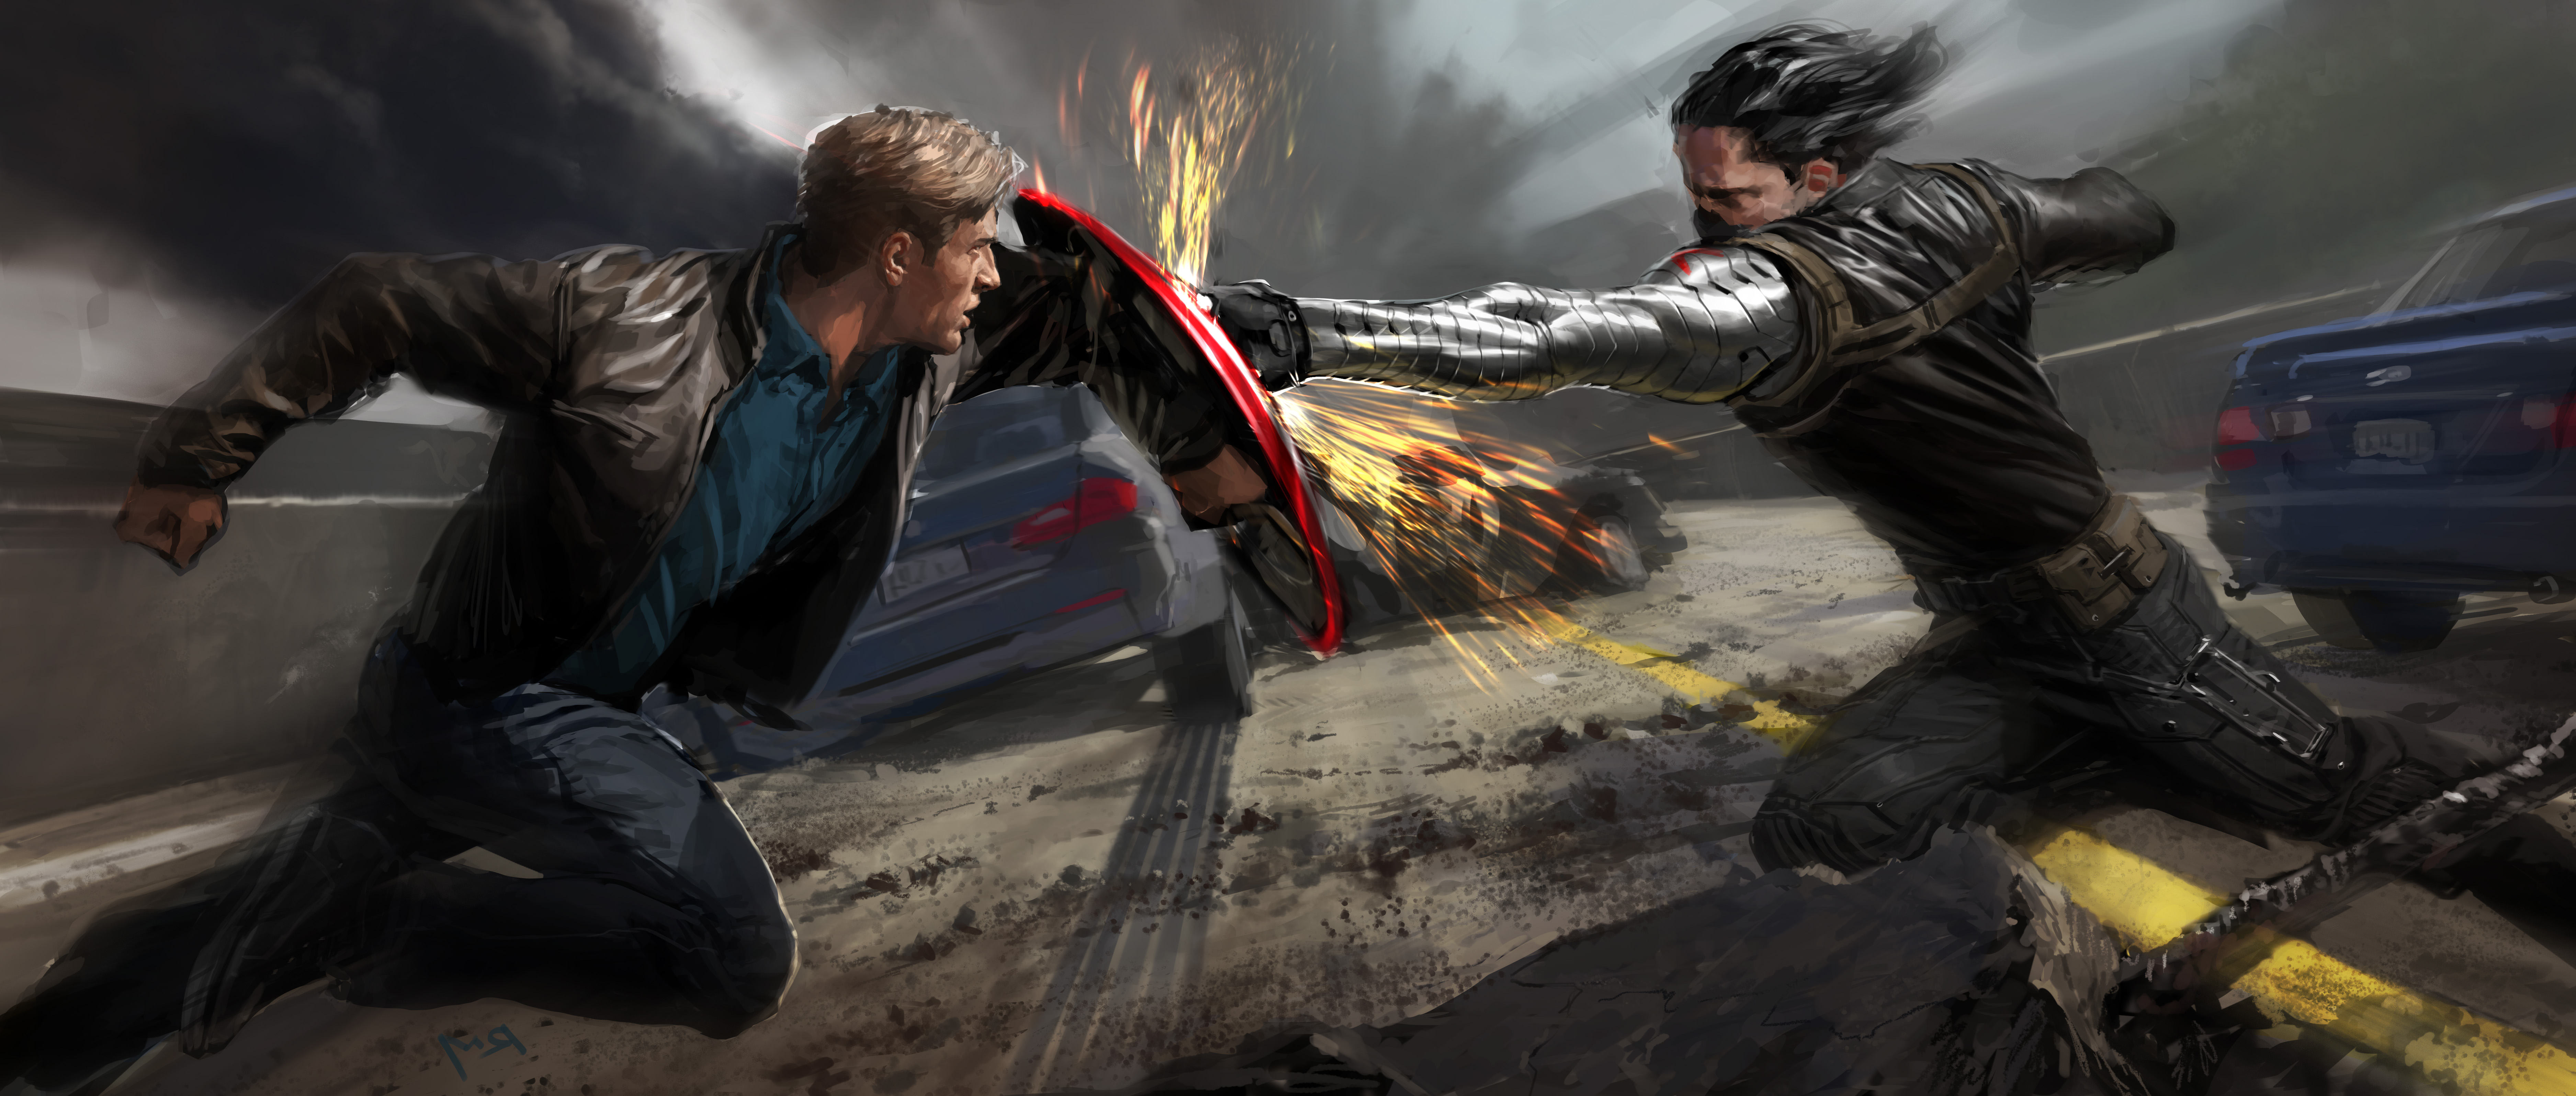 7500x3192 Héroes del cómic Captain America: The Winter Soldier Pelear Dos superhéroes, 2 Película